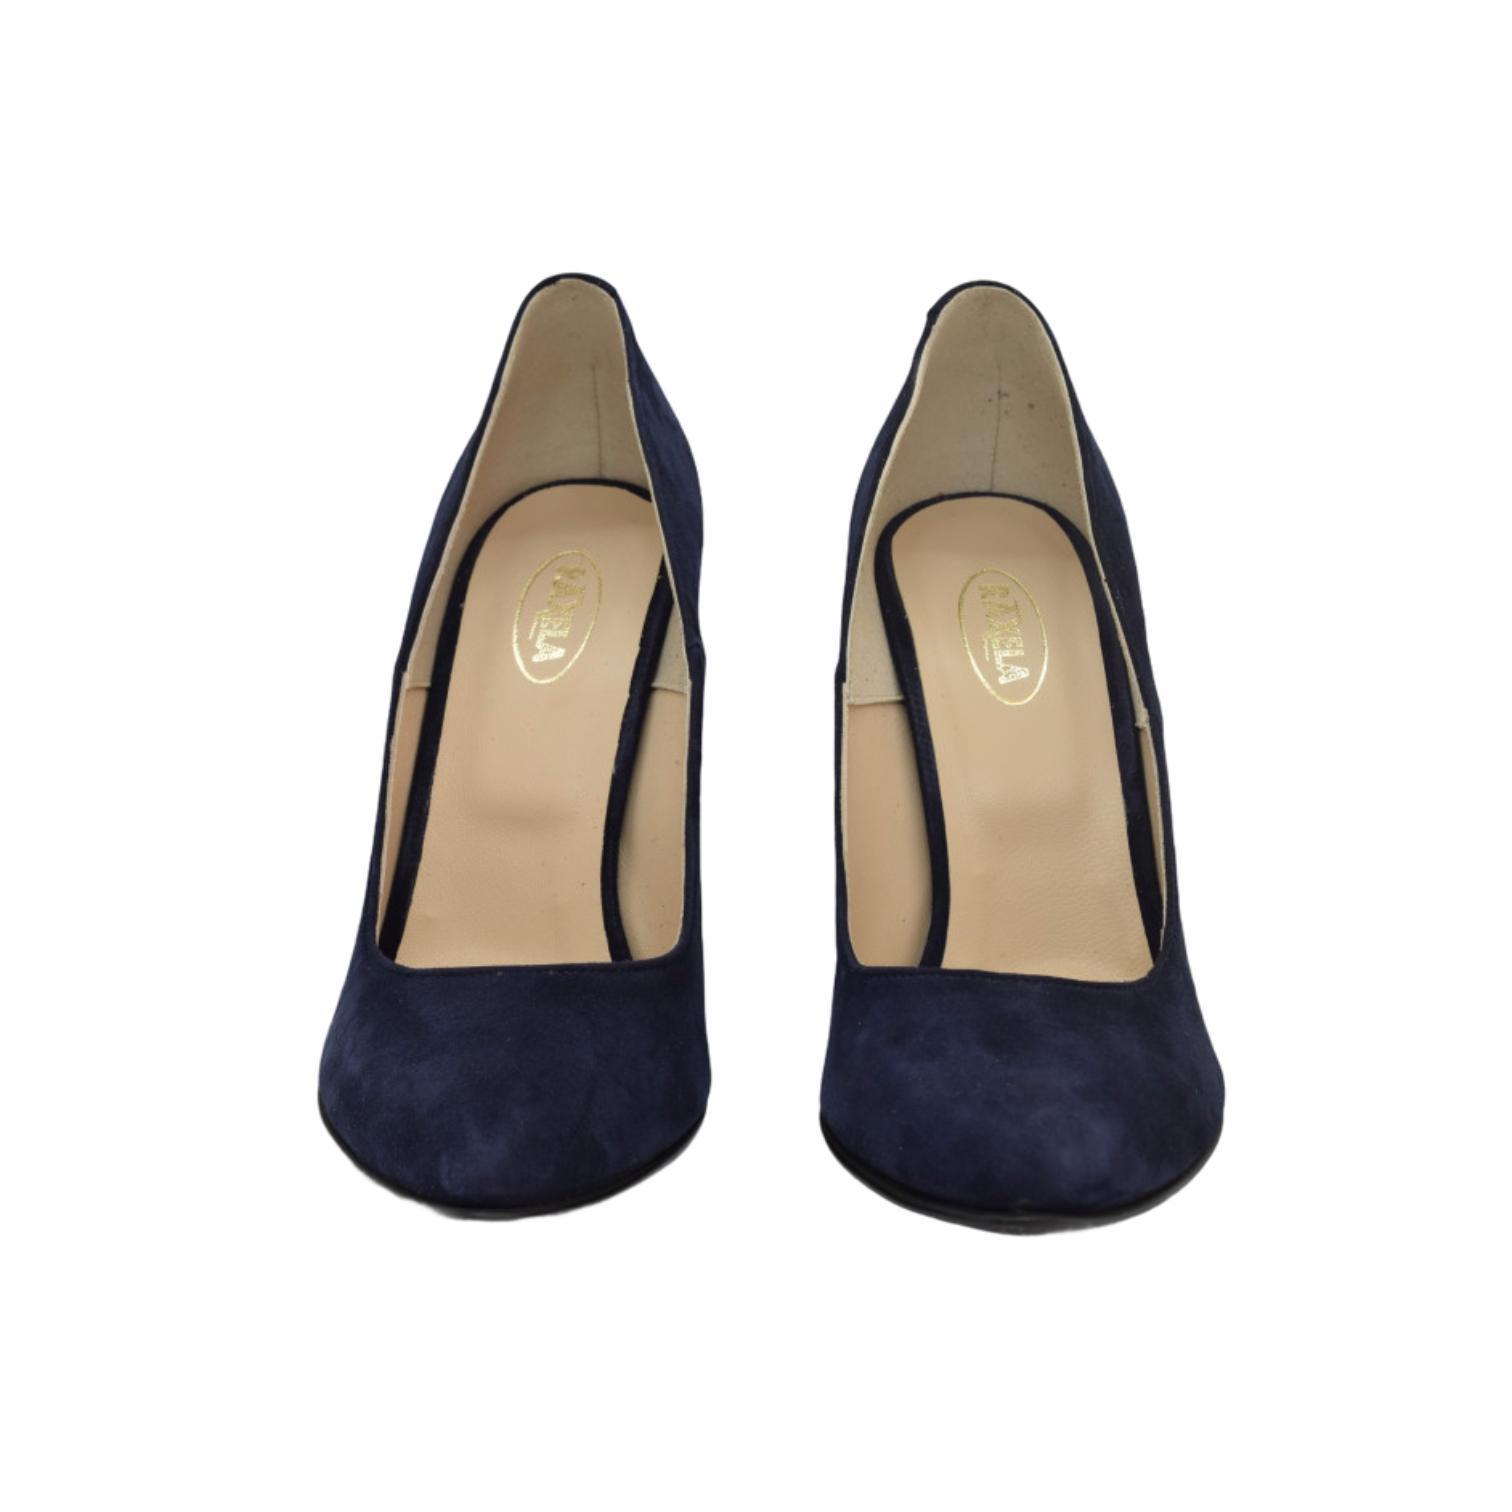 Pantofi bleumarin cu toc cu aplicatii sferice